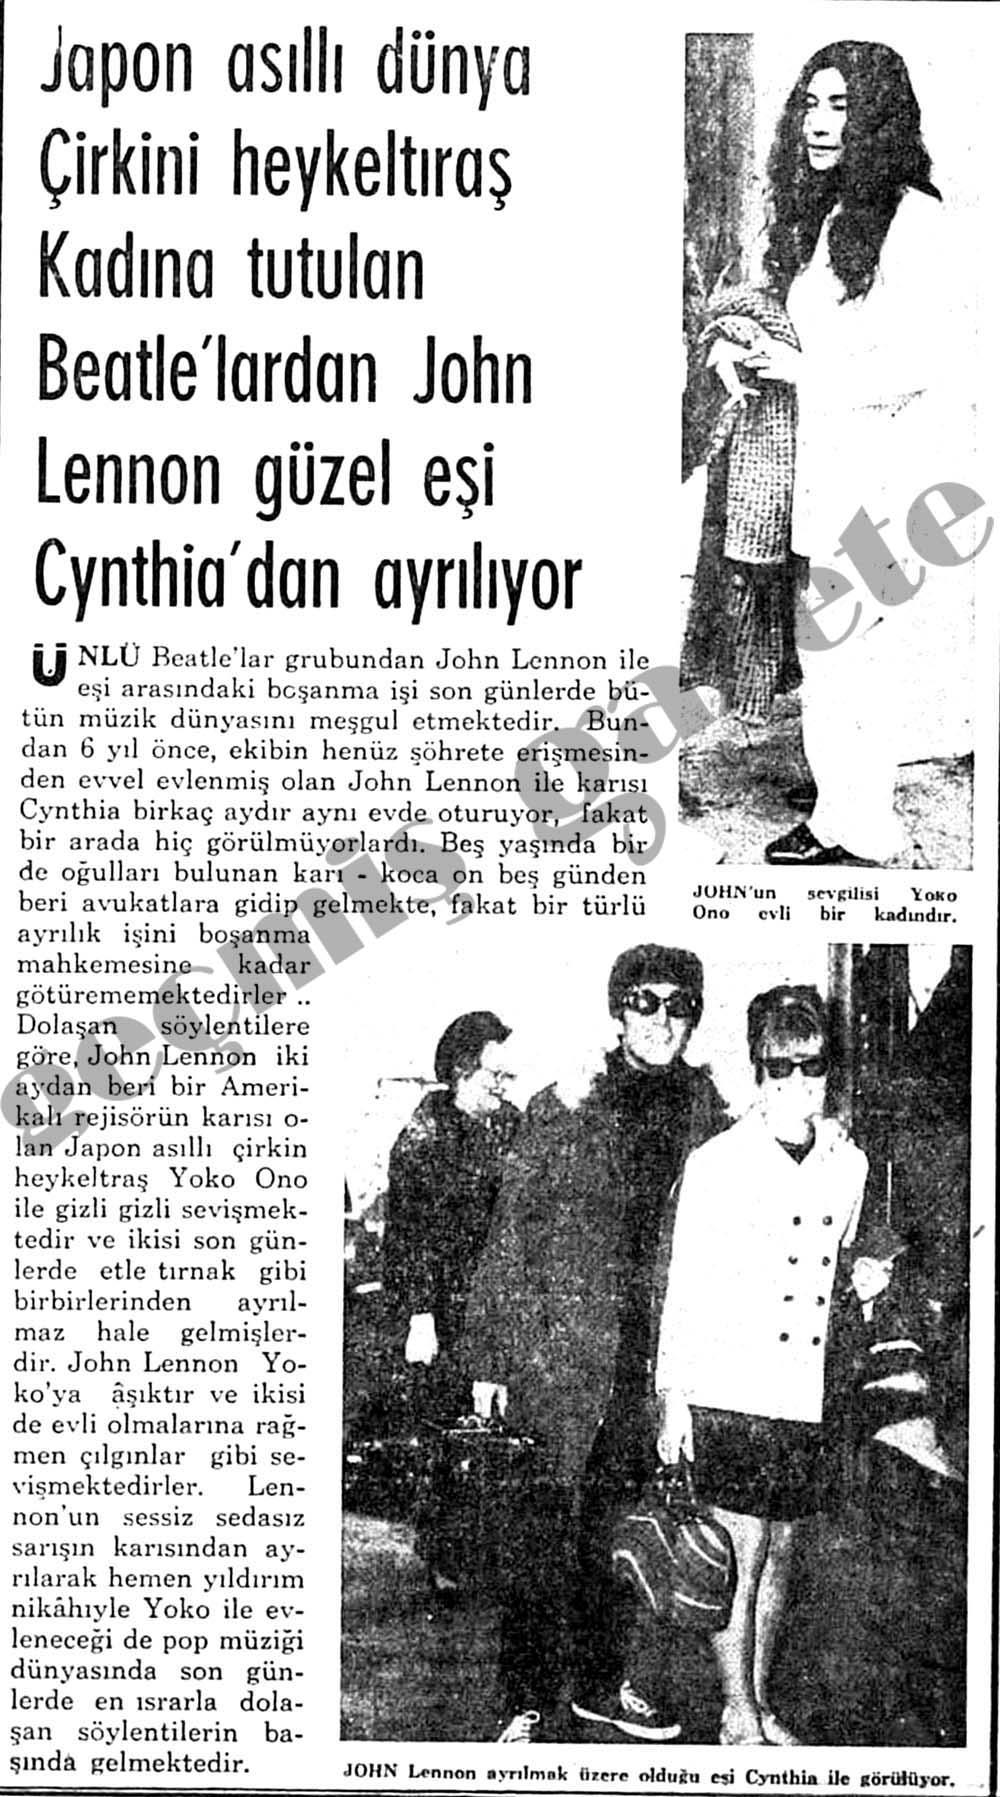 Japon asıllı dünya çirkini heykeltıraş kadına tutulan Beatle'lardan John Lennon